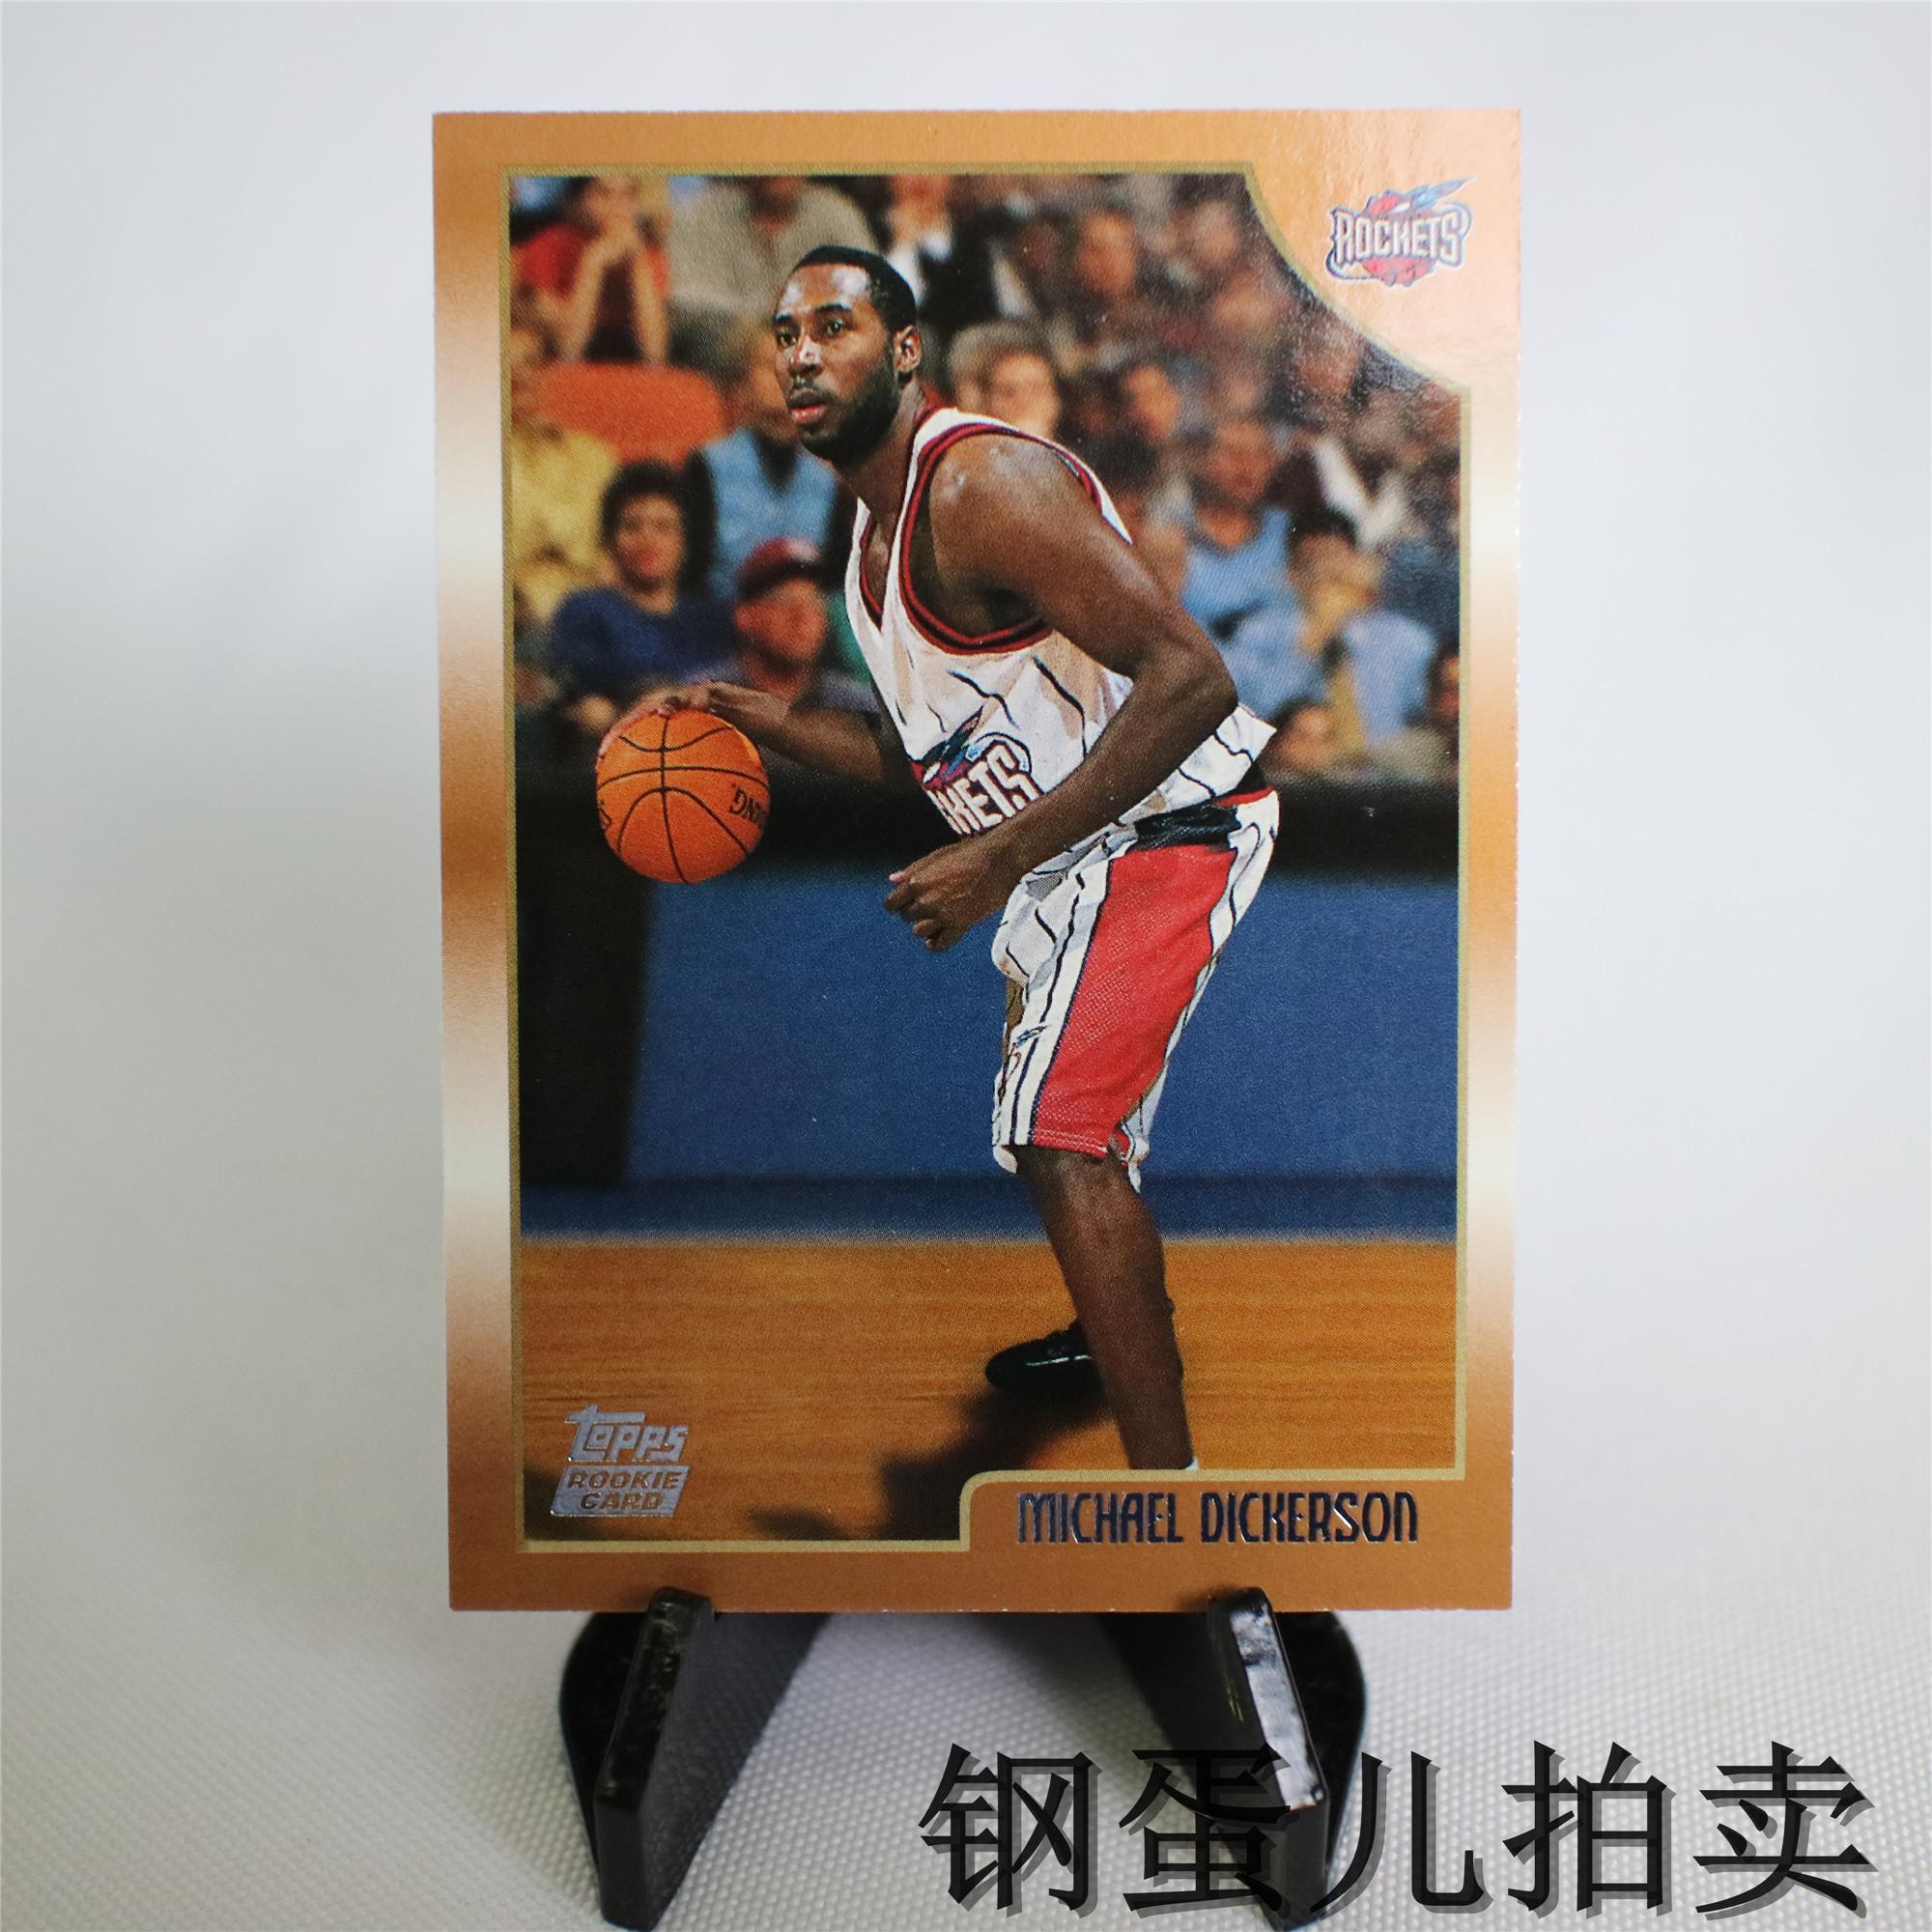 【钢蛋儿拍卖】17topps1999经典老卡篮球NBA球星卡火箭队ROOKIE新秀迈克尔迪克森